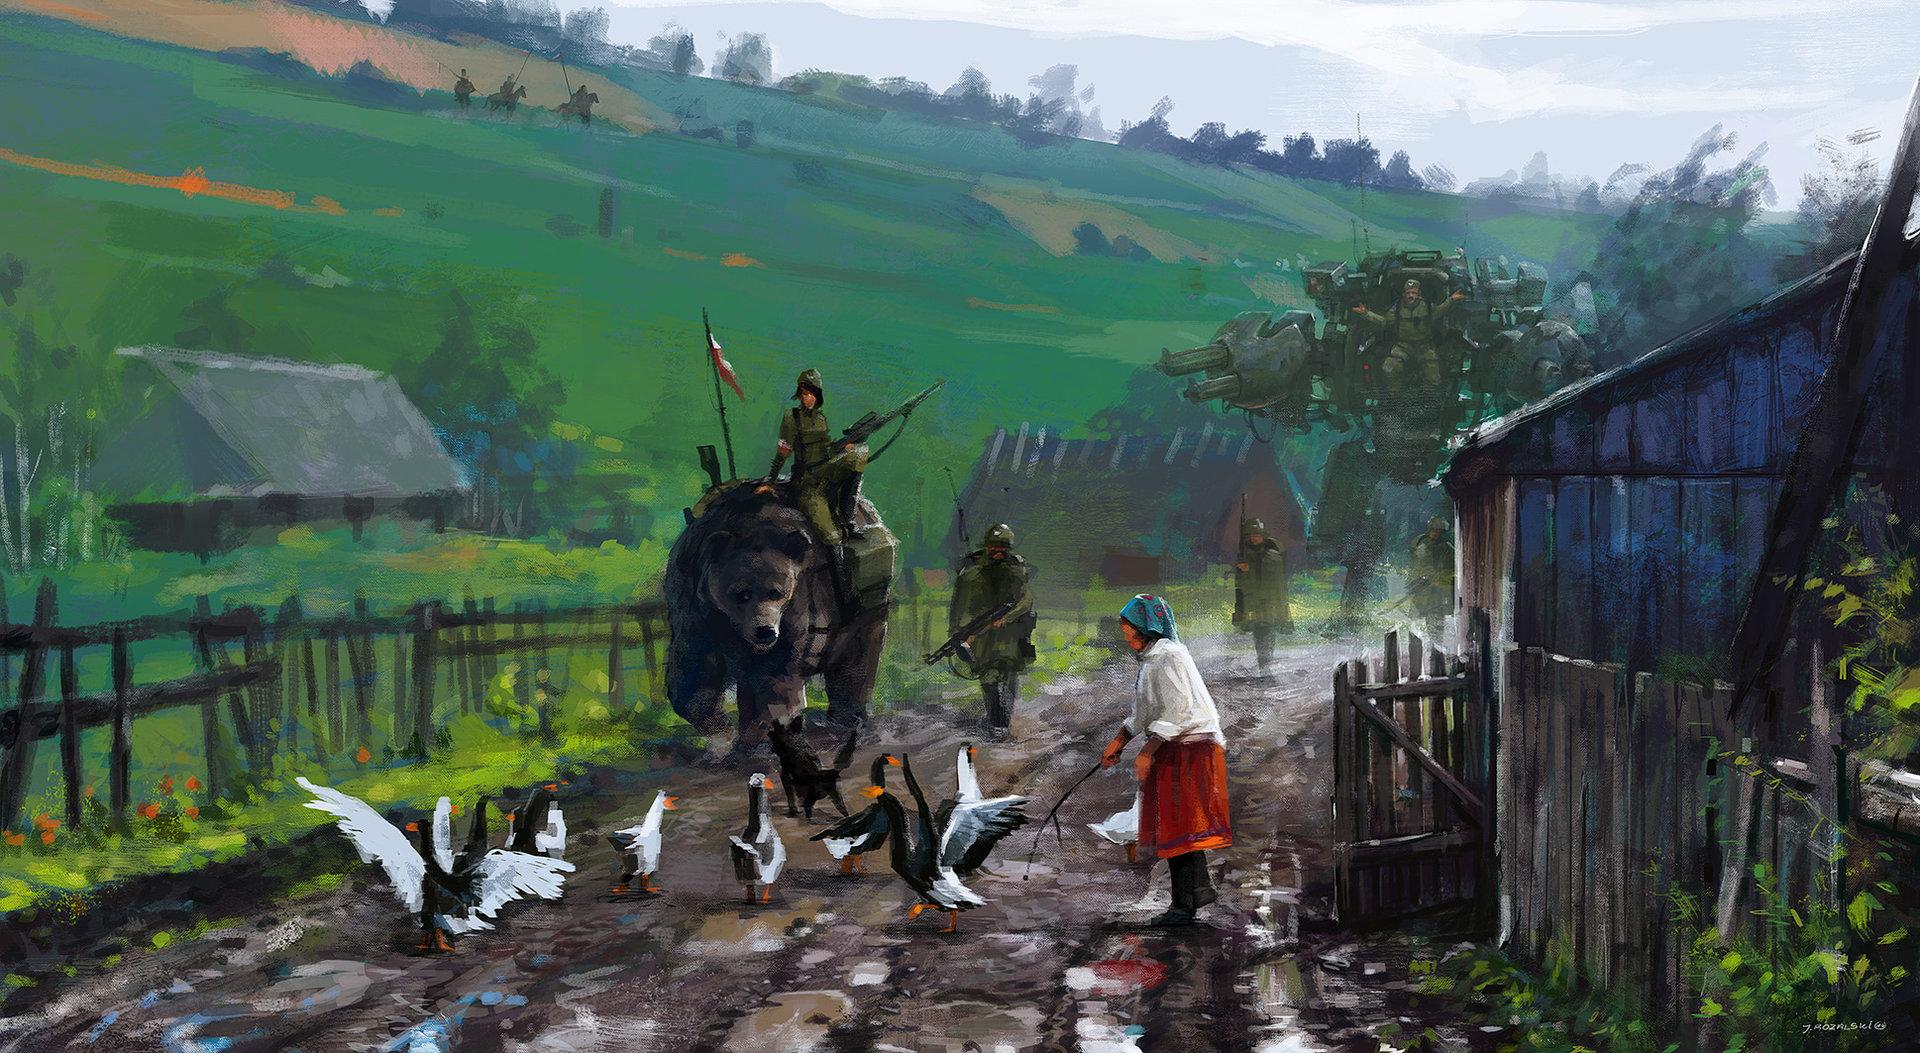 Art By Jakub Rozalski Coh2 Org